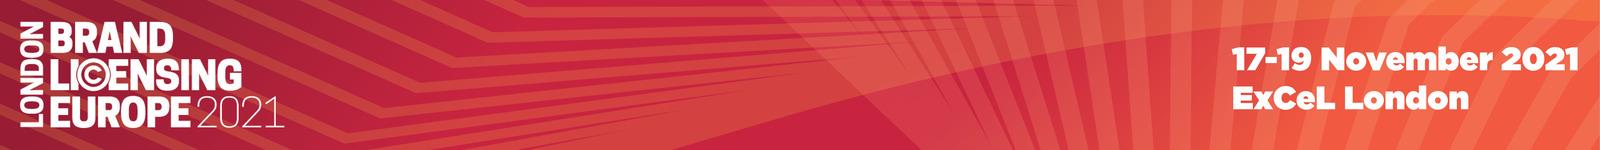 BLE21_IDS_header-1 Brand Licensing